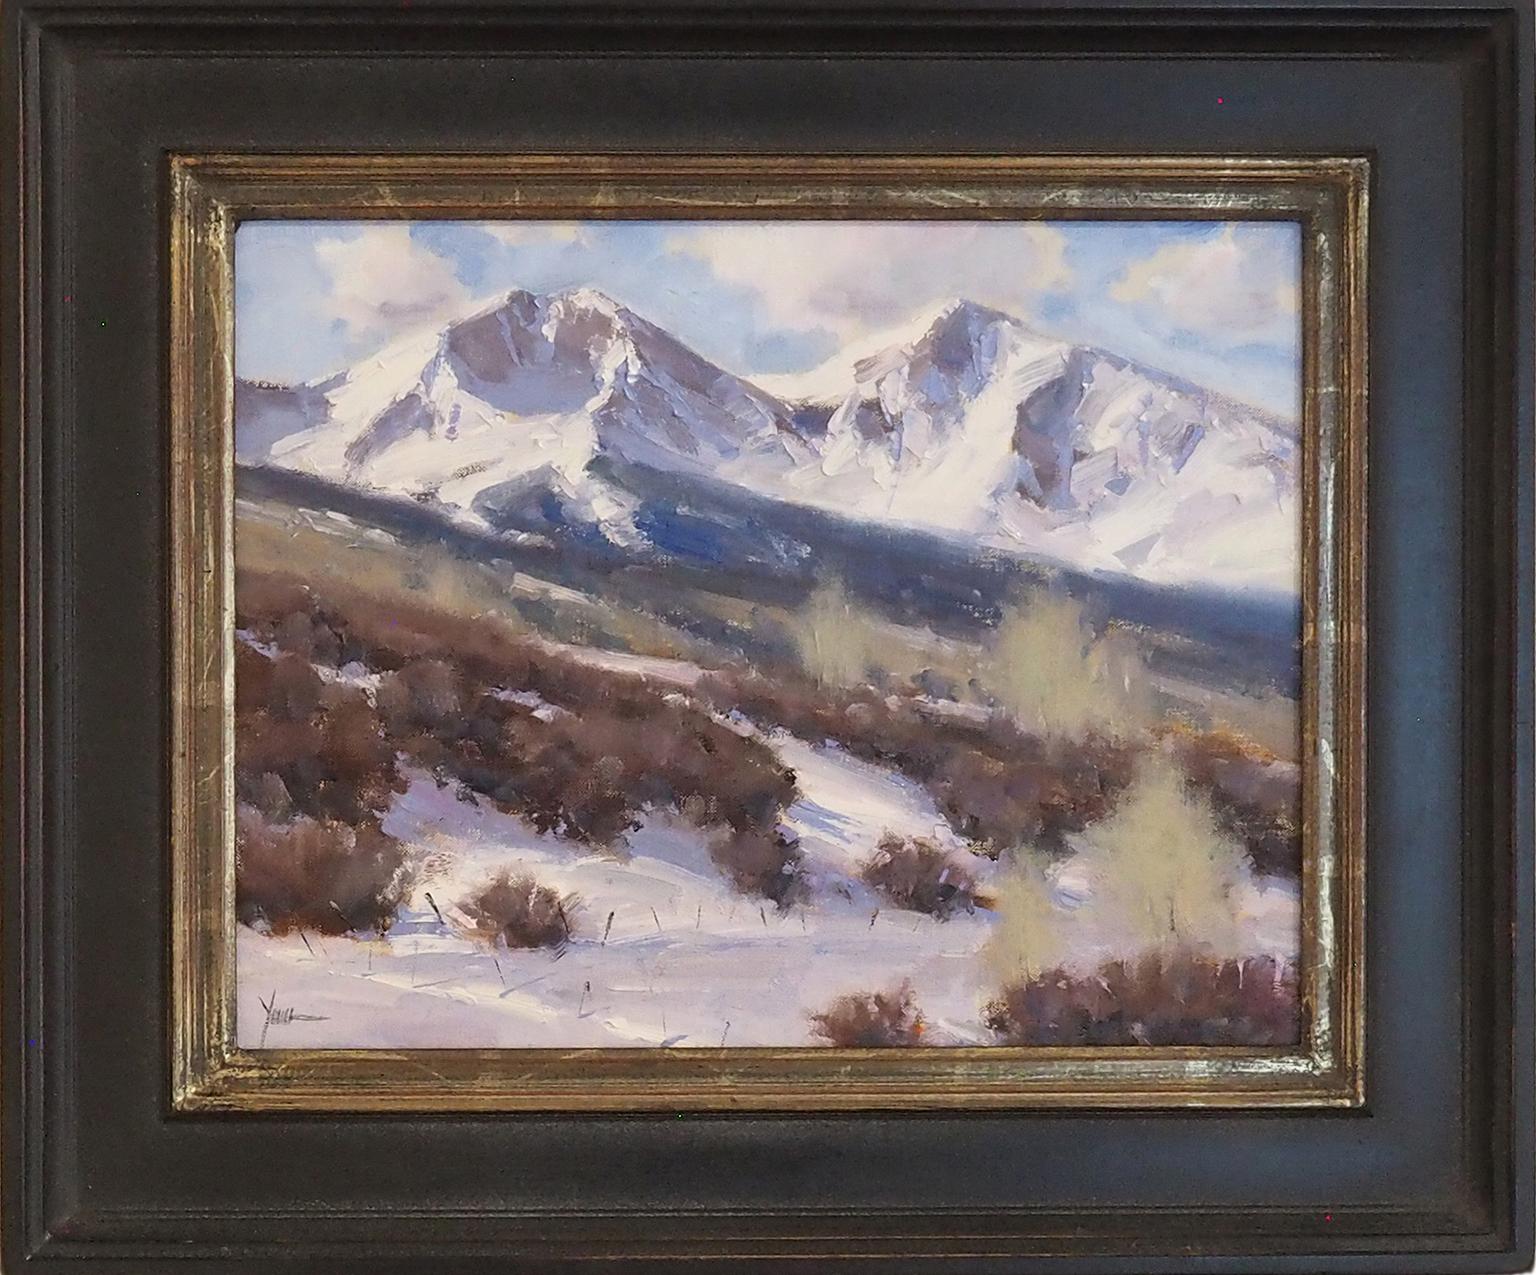 Dan Young - Below Sopris Mountain Ranch